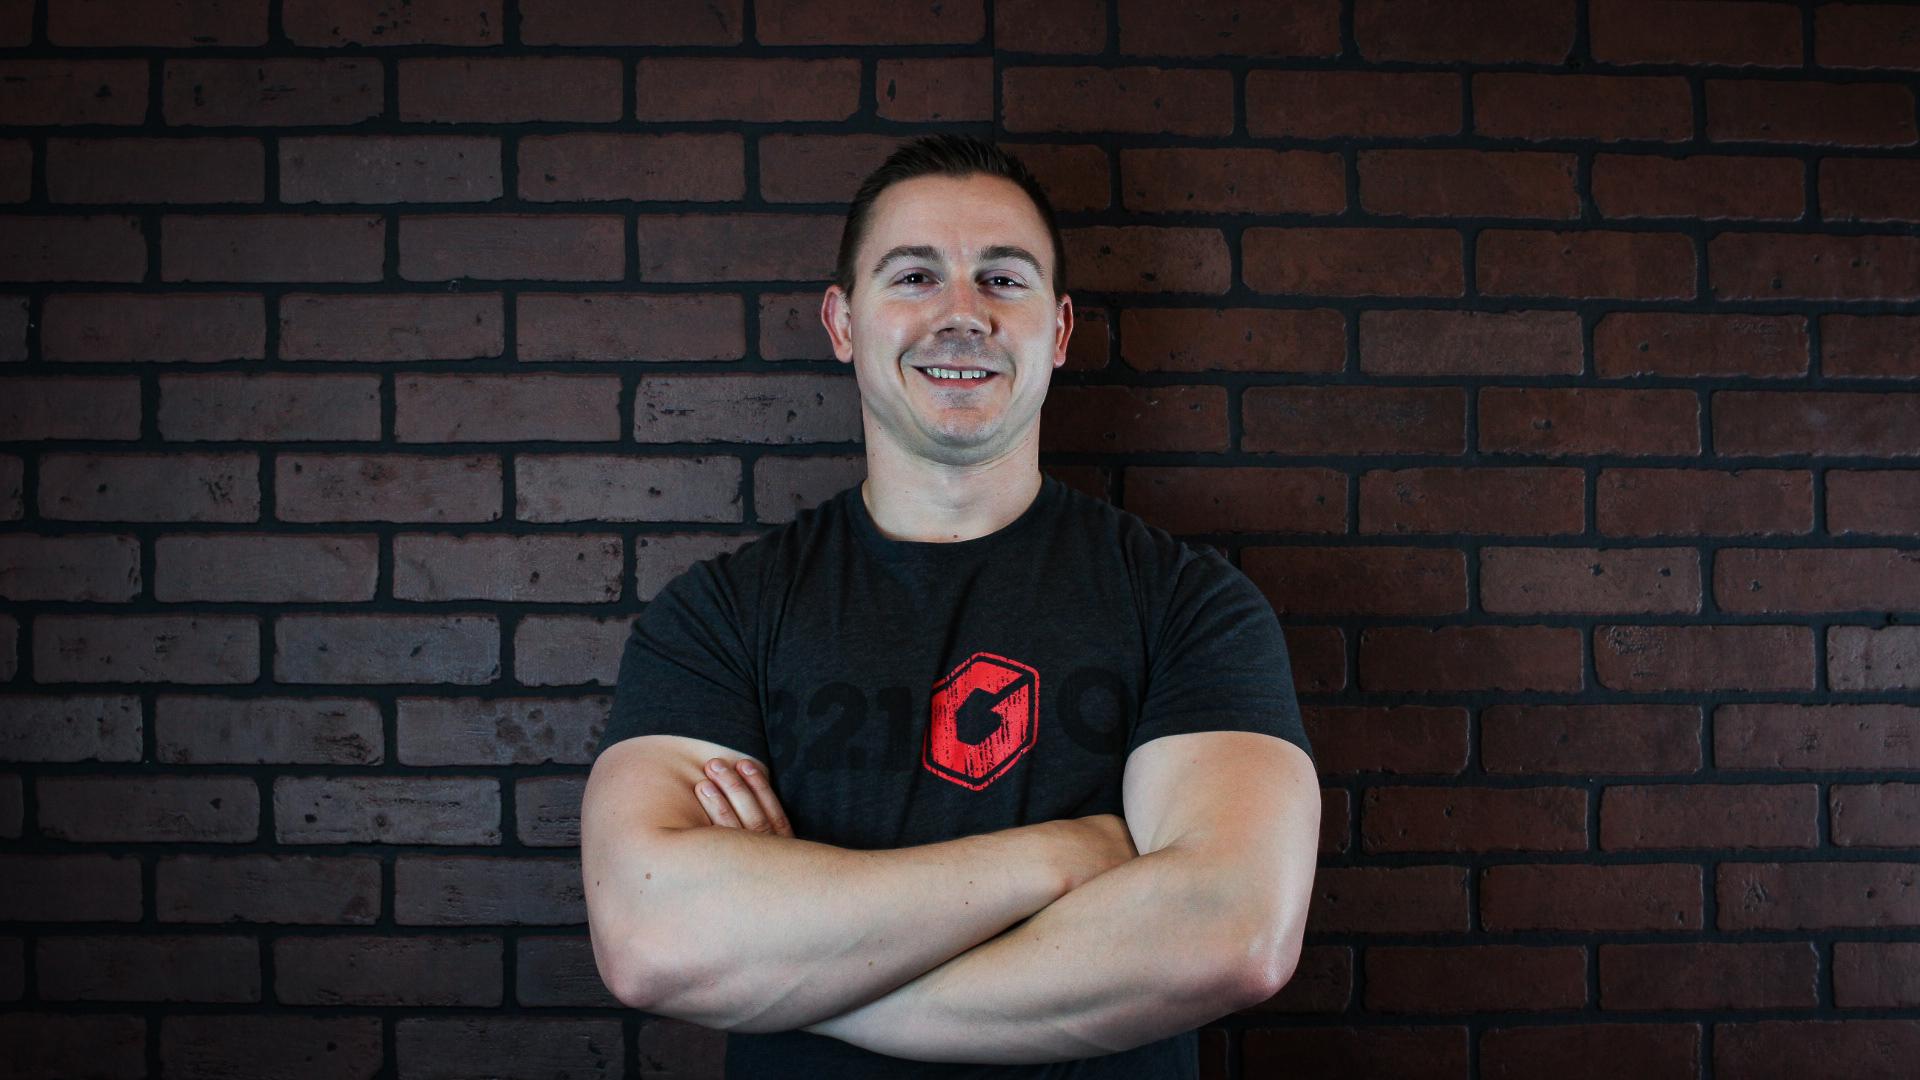 Chris Kunzmann - CrossFit Level 1 Coach